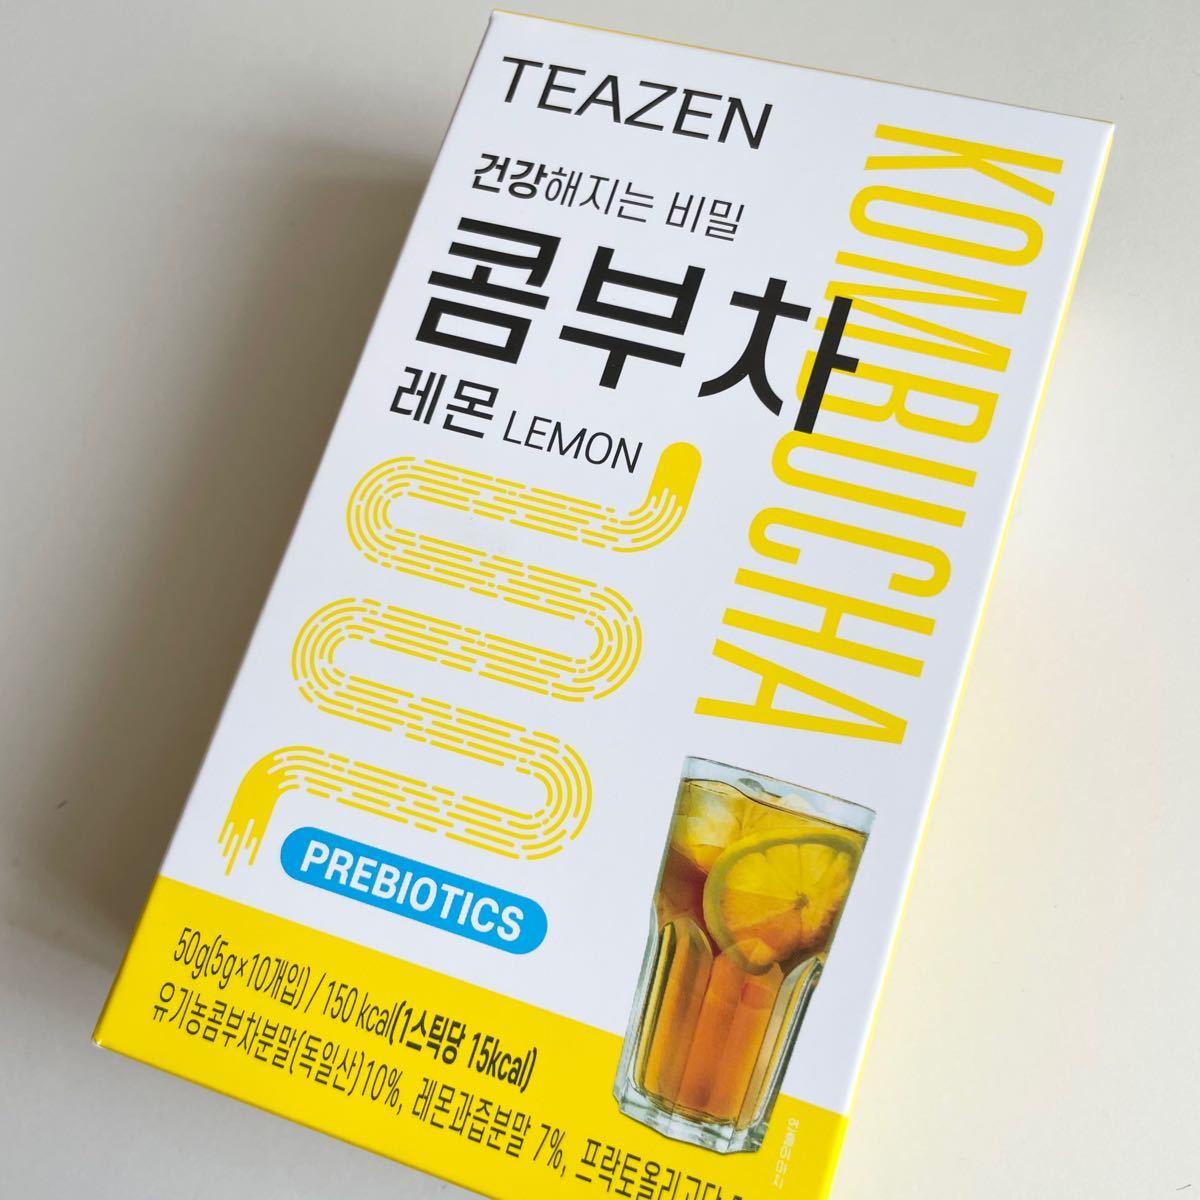 ティーゼン コンブチャ レモン BTS ジョングクさん 1箱 新品